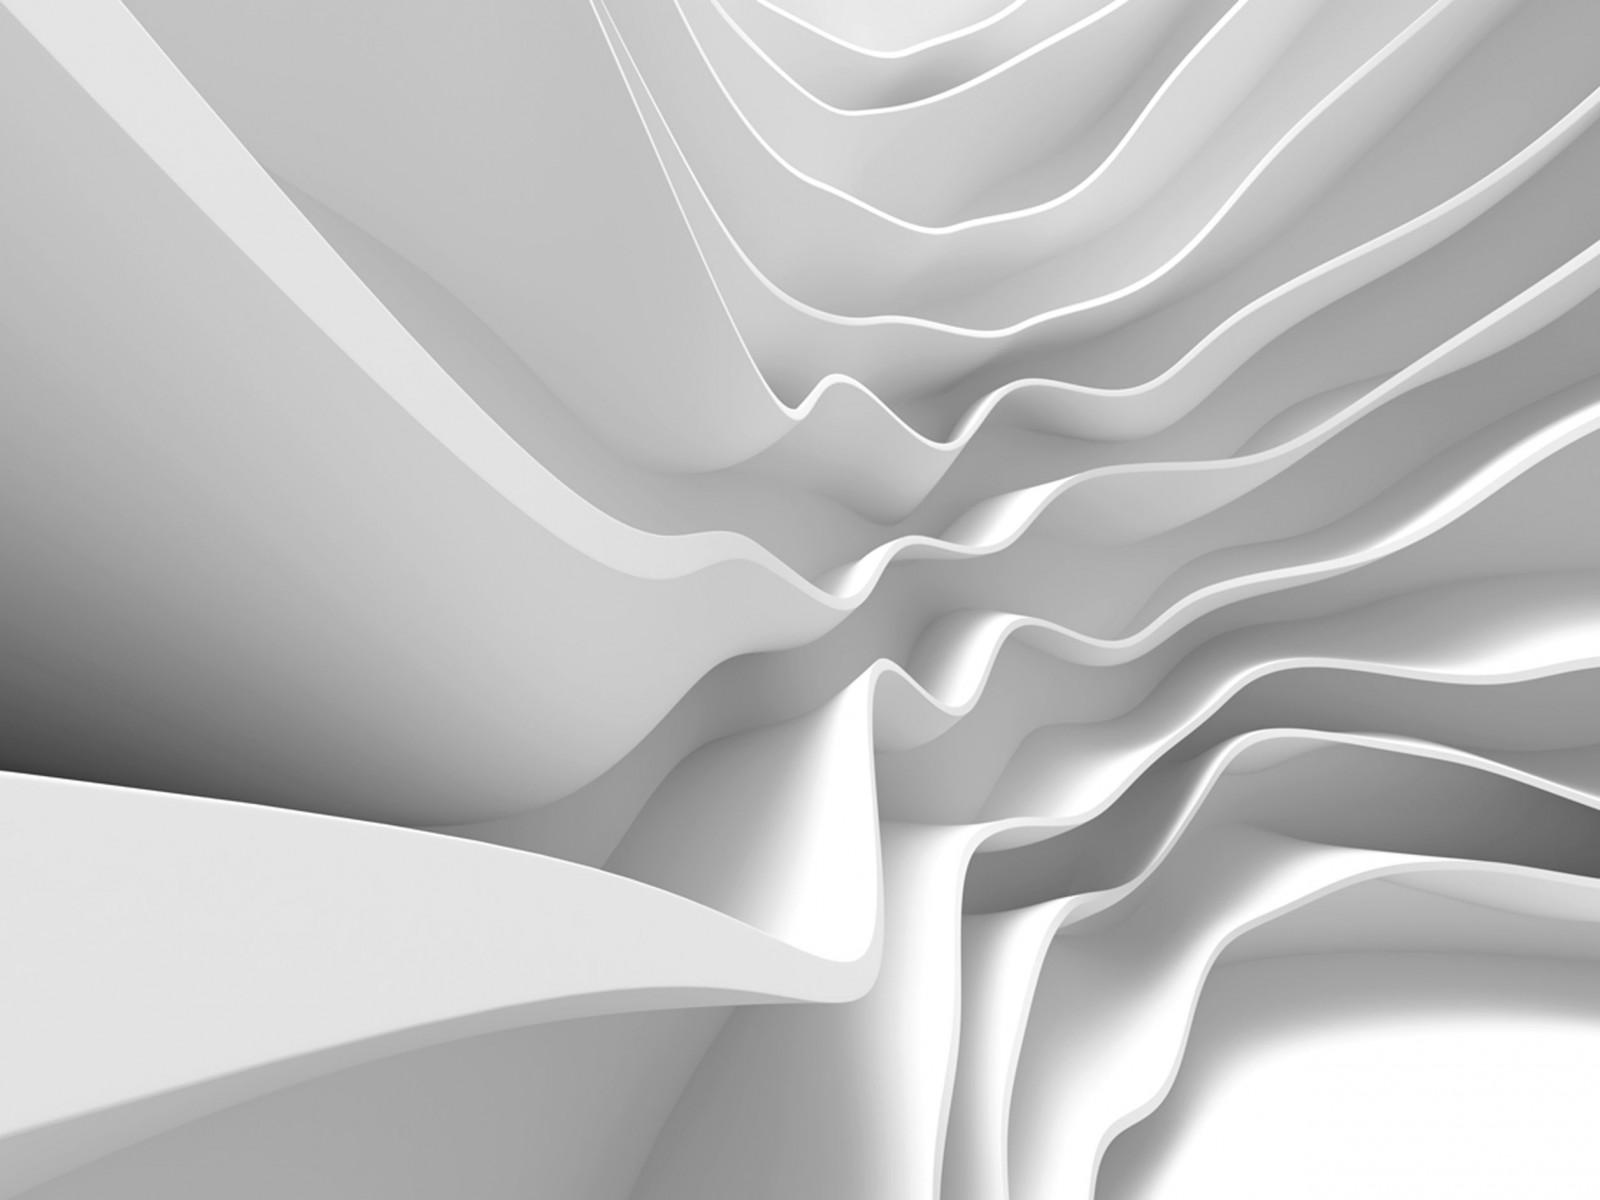 e17db3d41b82 XL Fototapete Tapete Grafisch Wellen Modern Design